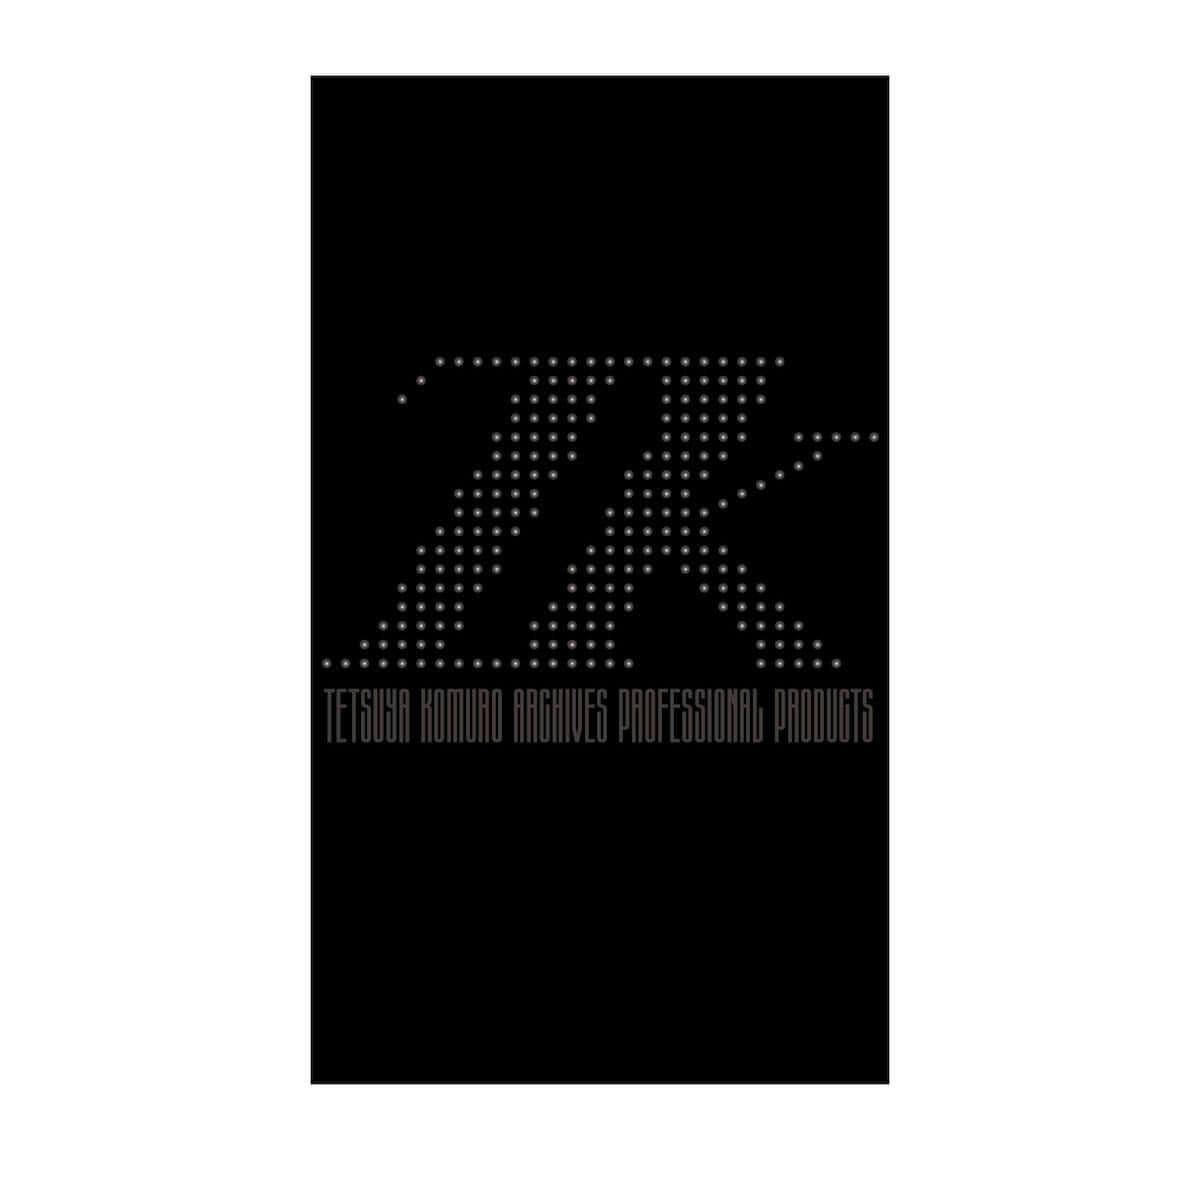 小室哲哉の残した49枚組の作品集BOX、締切今月末まで! music190121-tk-2-1200x1200